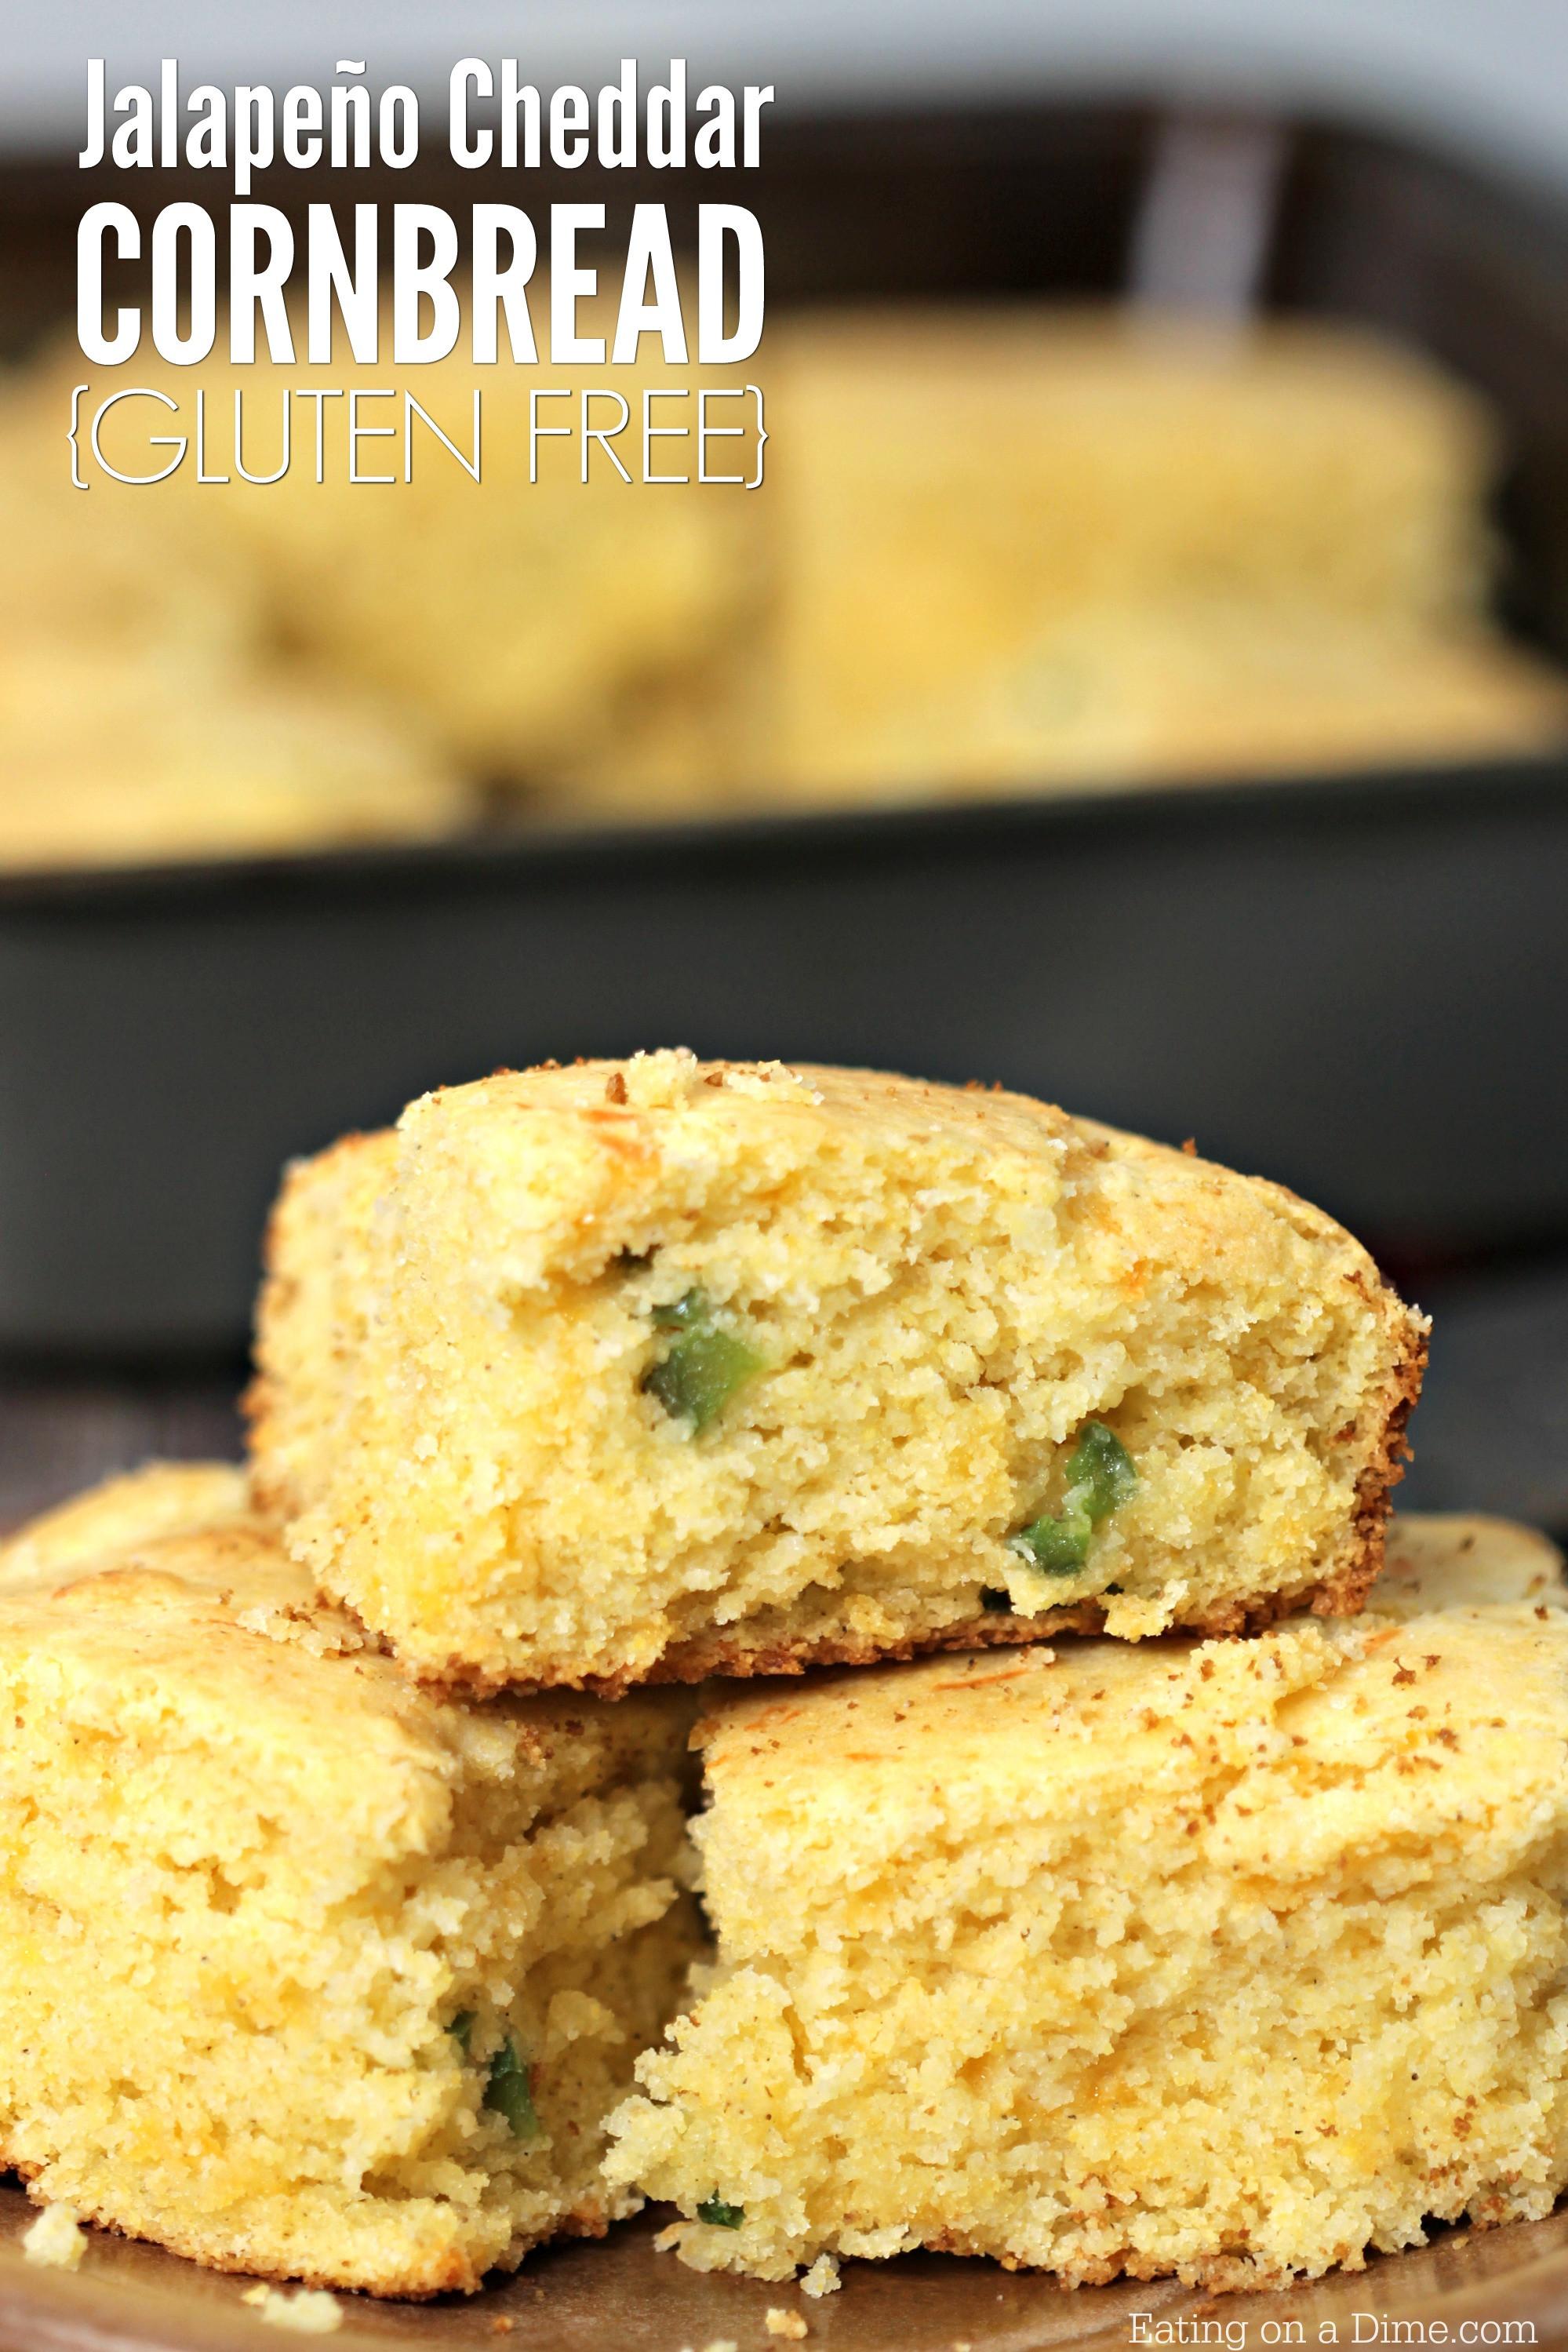 Gluten Free Dairy Free Cornbread  Gluten Free Jalapeno Cheddar Cornbread Recipe Quick and